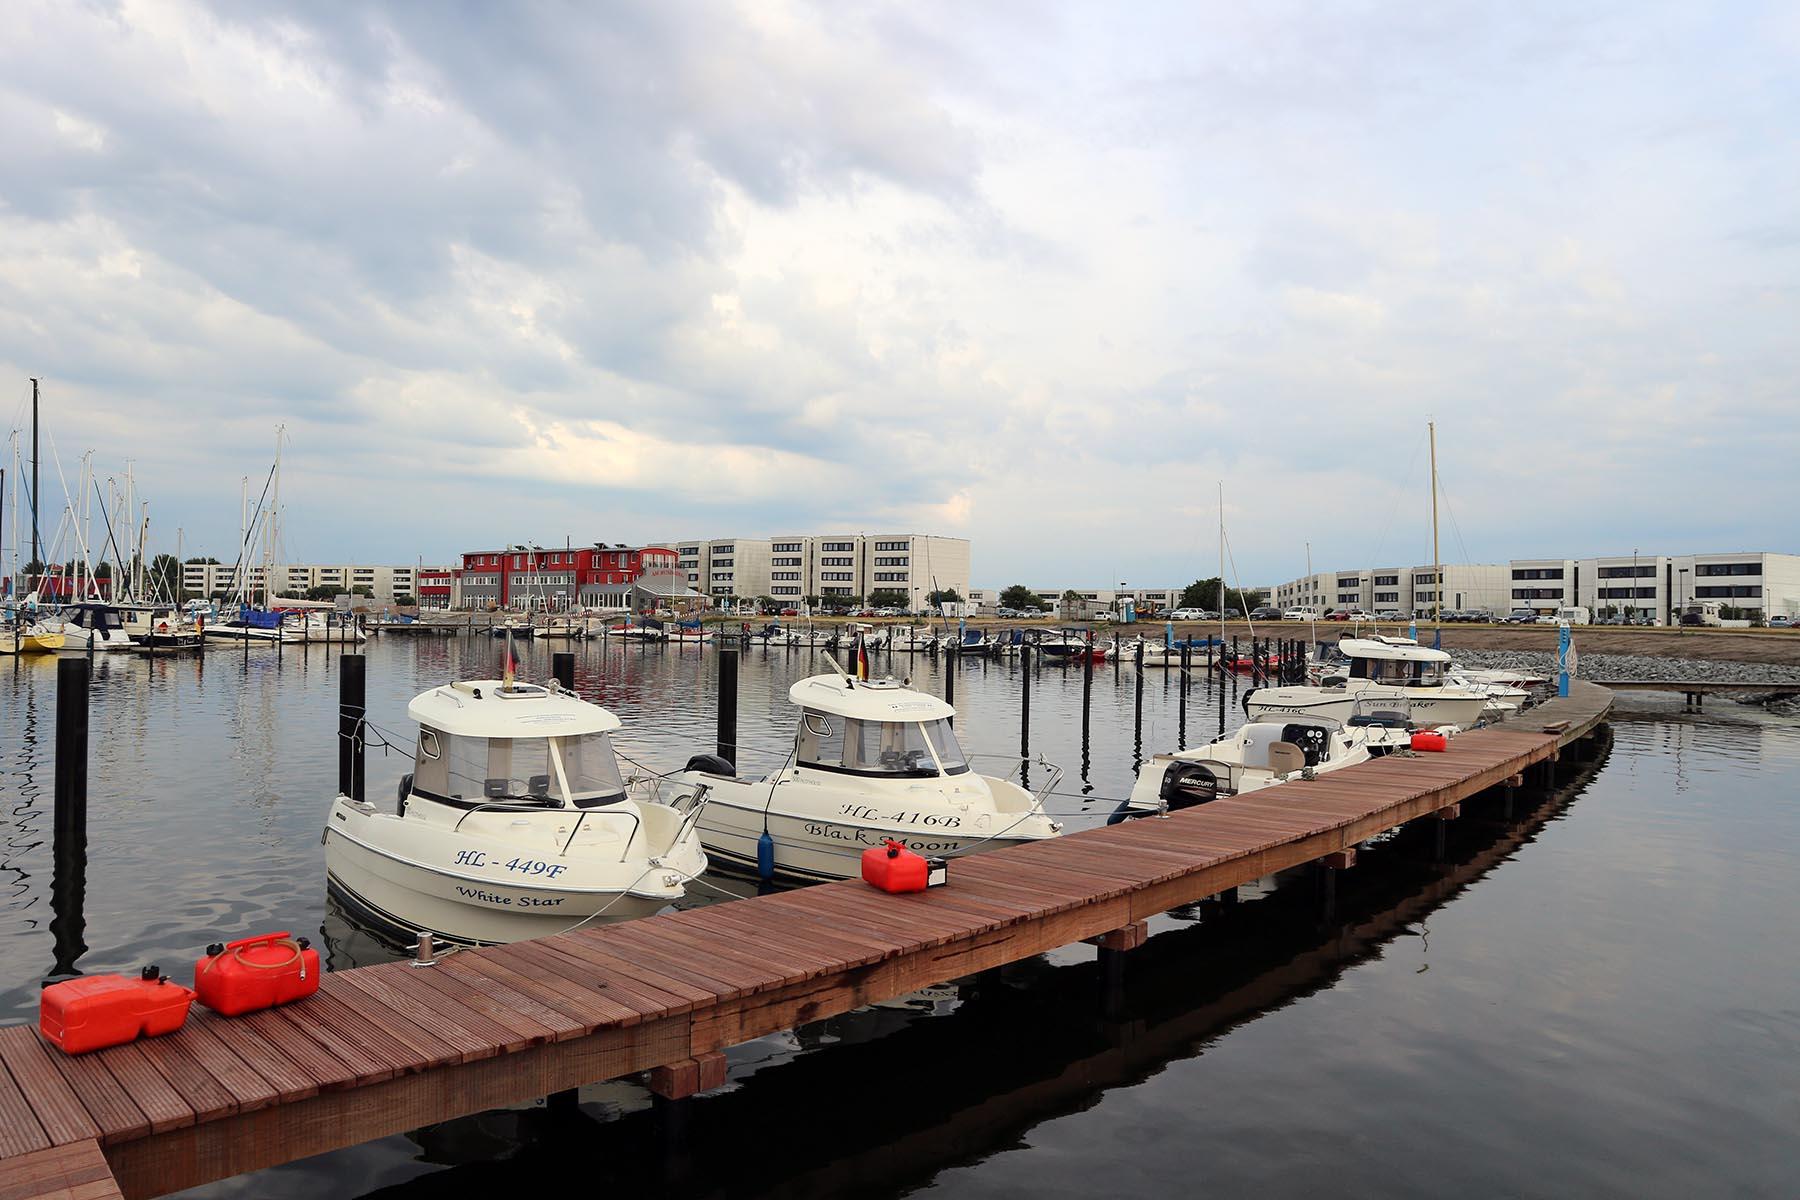 Yachthafen Burgtiefe. Die 1,4 km lange Promenade am Yachthafen wird bis 2020 umgebaut. Teil der Maßnahmen ist ein Aussichtsturm mit Rundumblick.